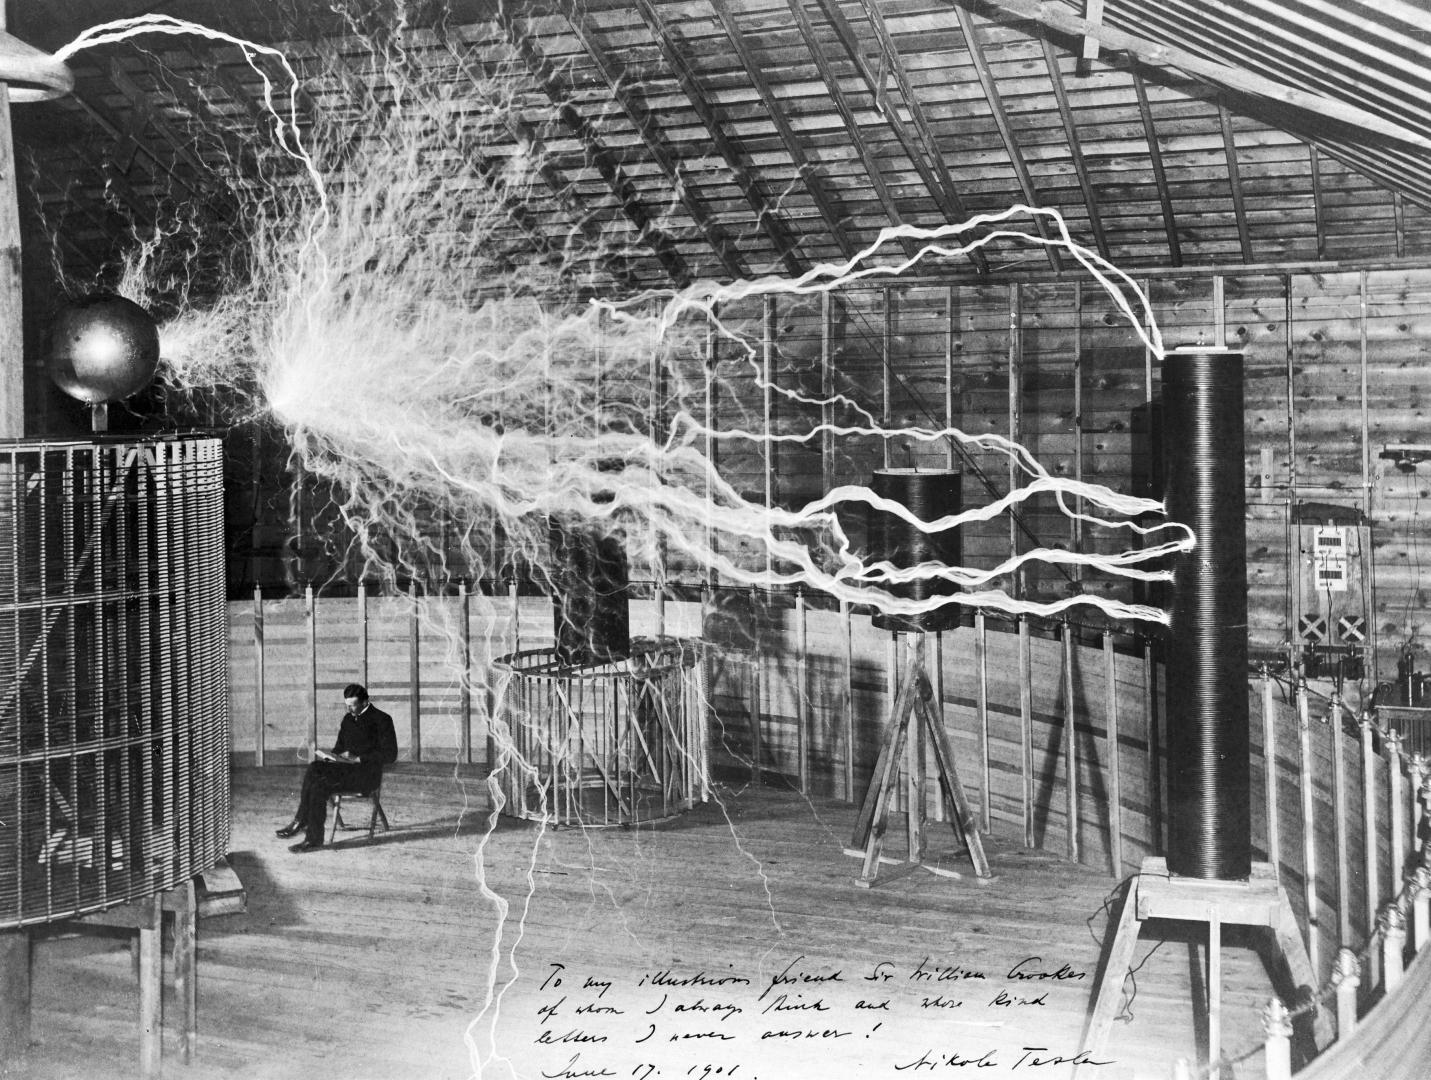 Никола Тесла в лаборатории в Колорадо-Спрингс. Начало 1900-х годов (фотография получена путём двойной экспозиции)